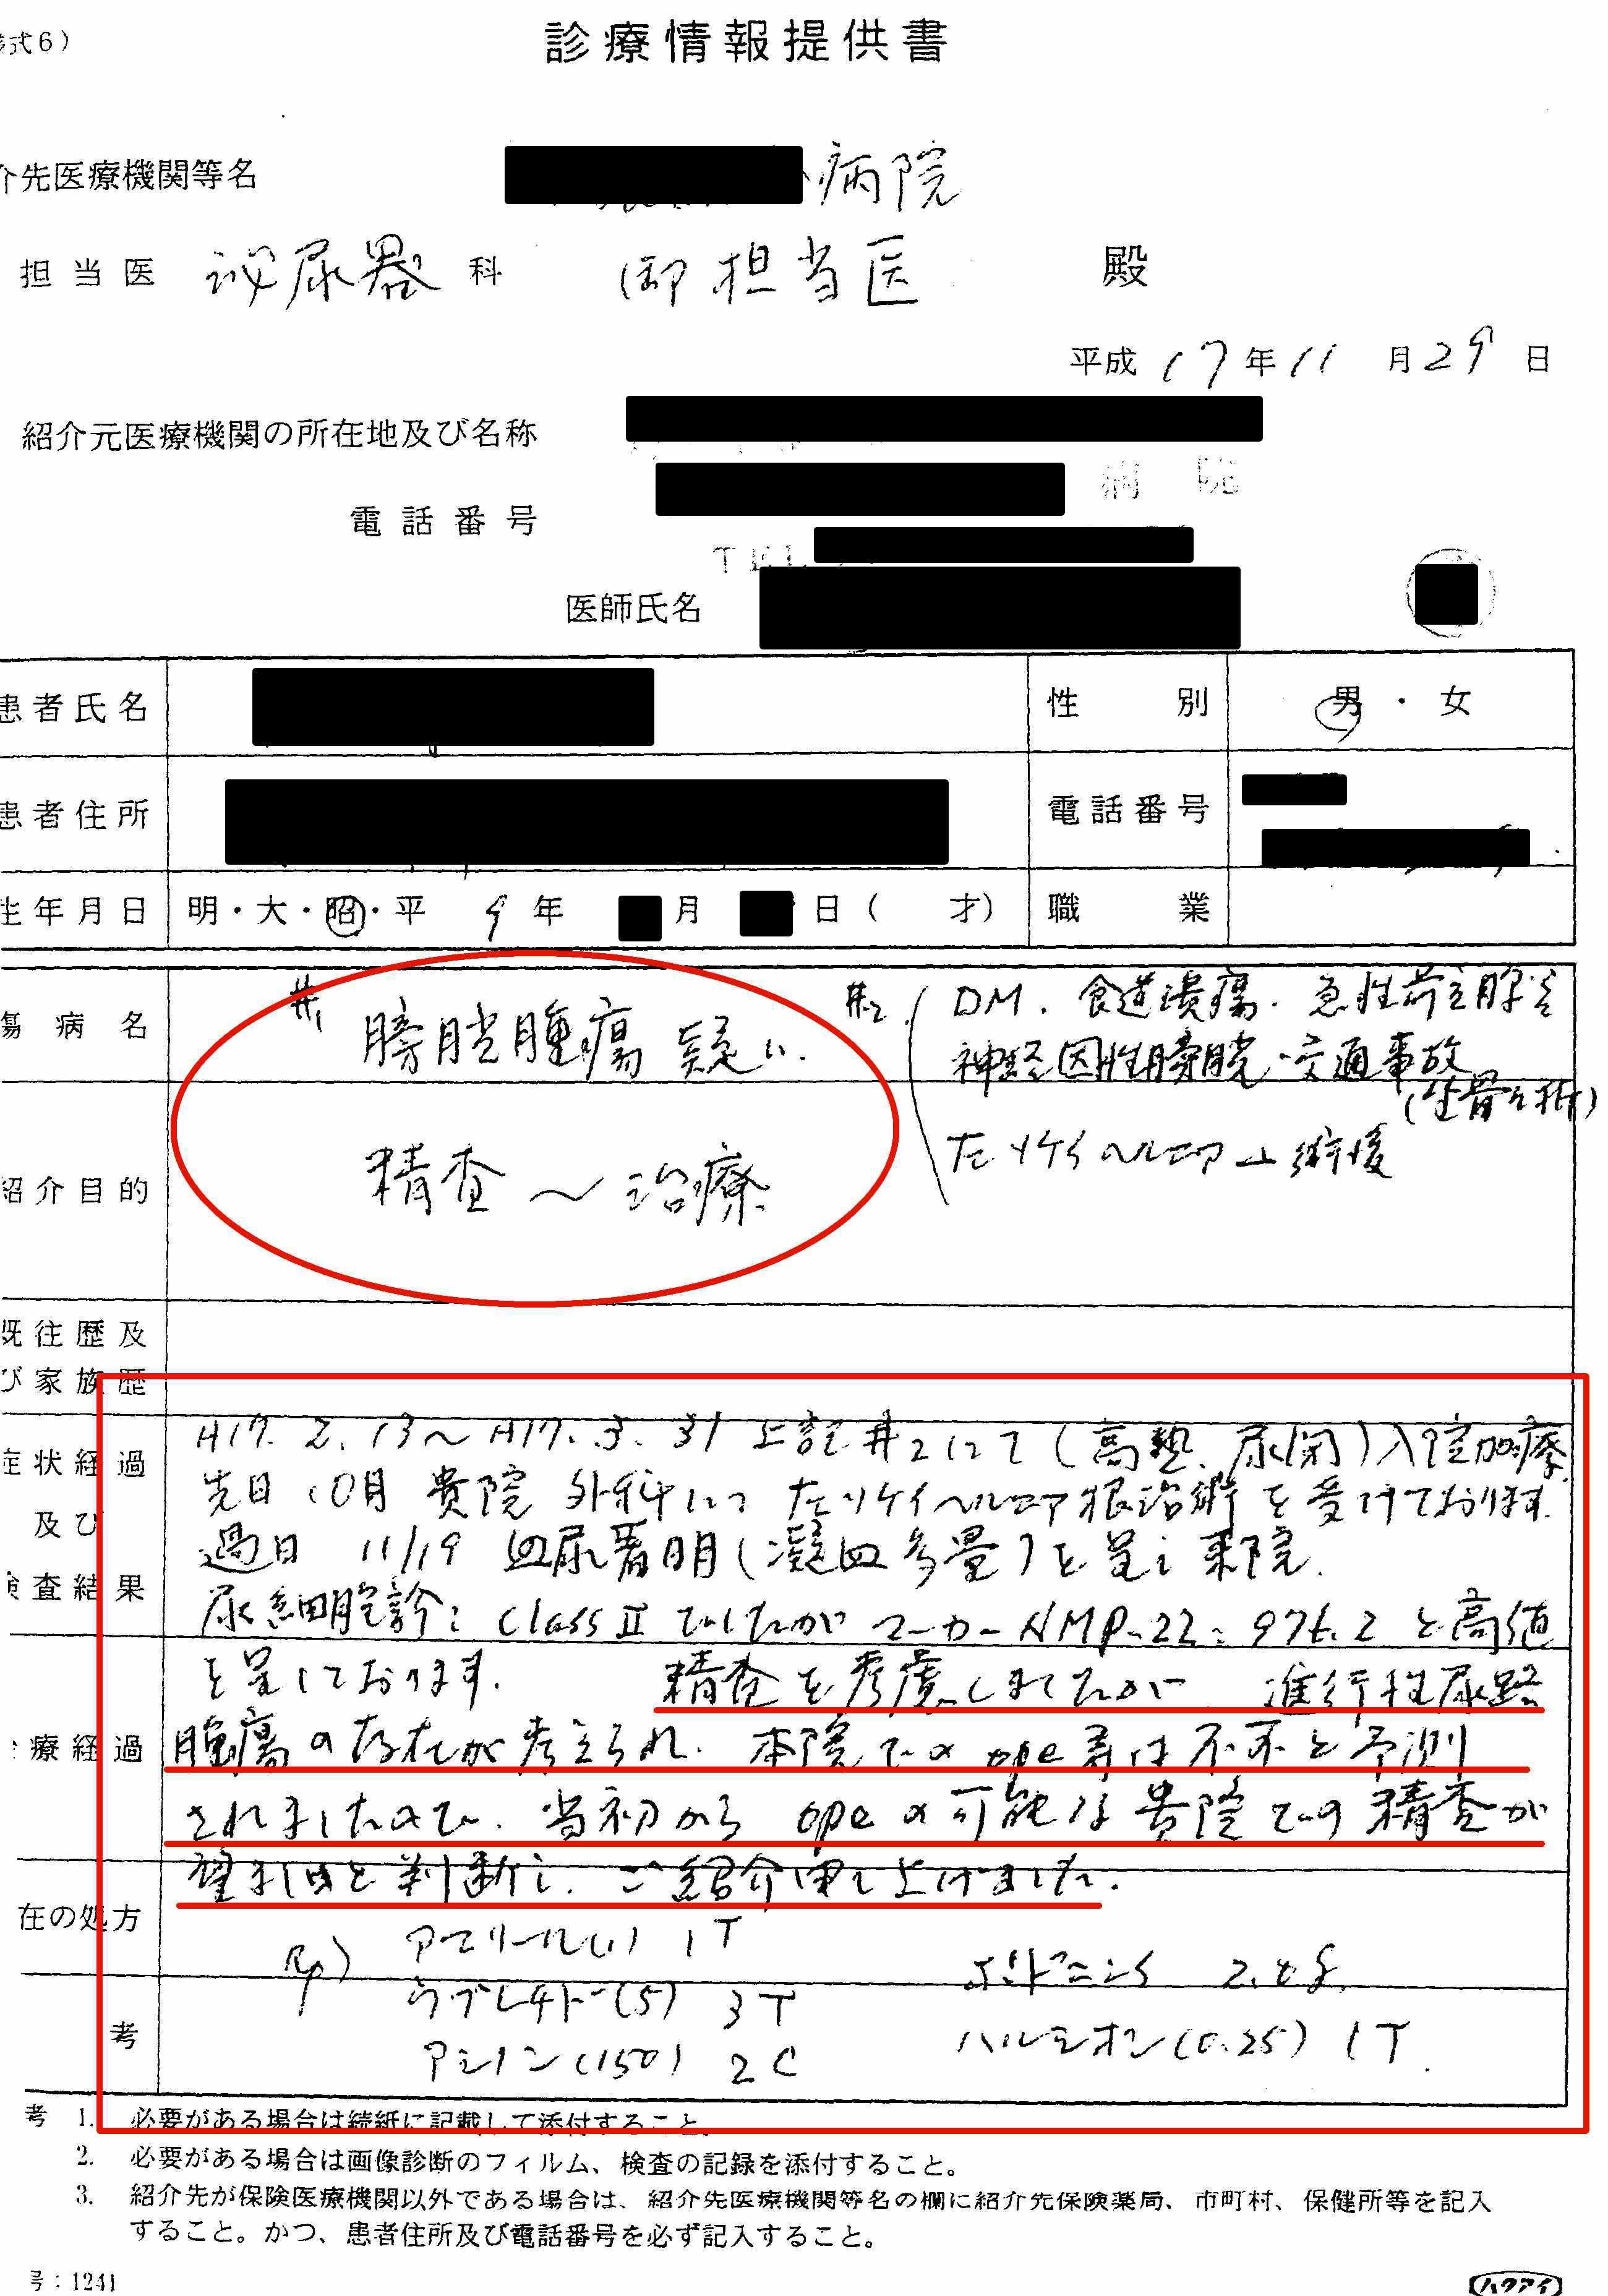 気功論文:膀胱癌(がん)疑い患者の診療情報提供書